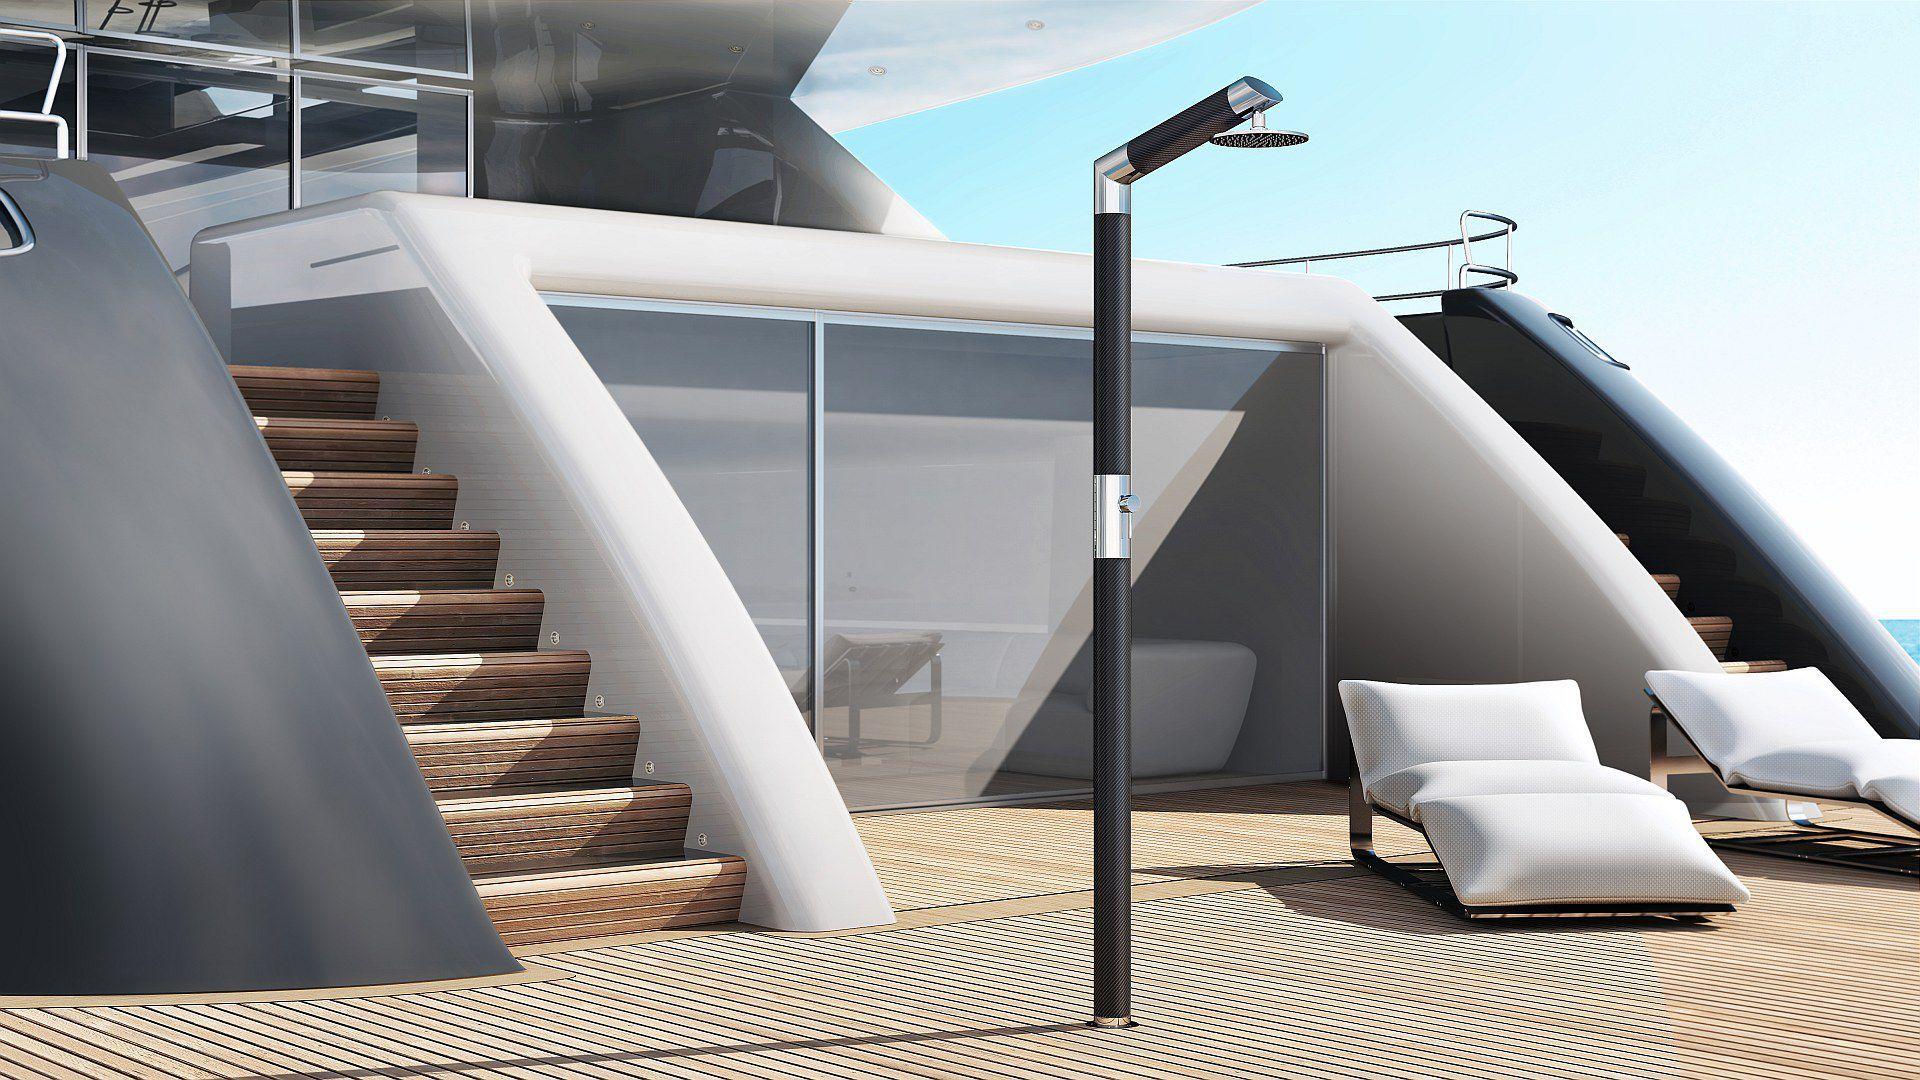 Doccia per yacht in carbonio carbon & steel y sb bc inoxstyle